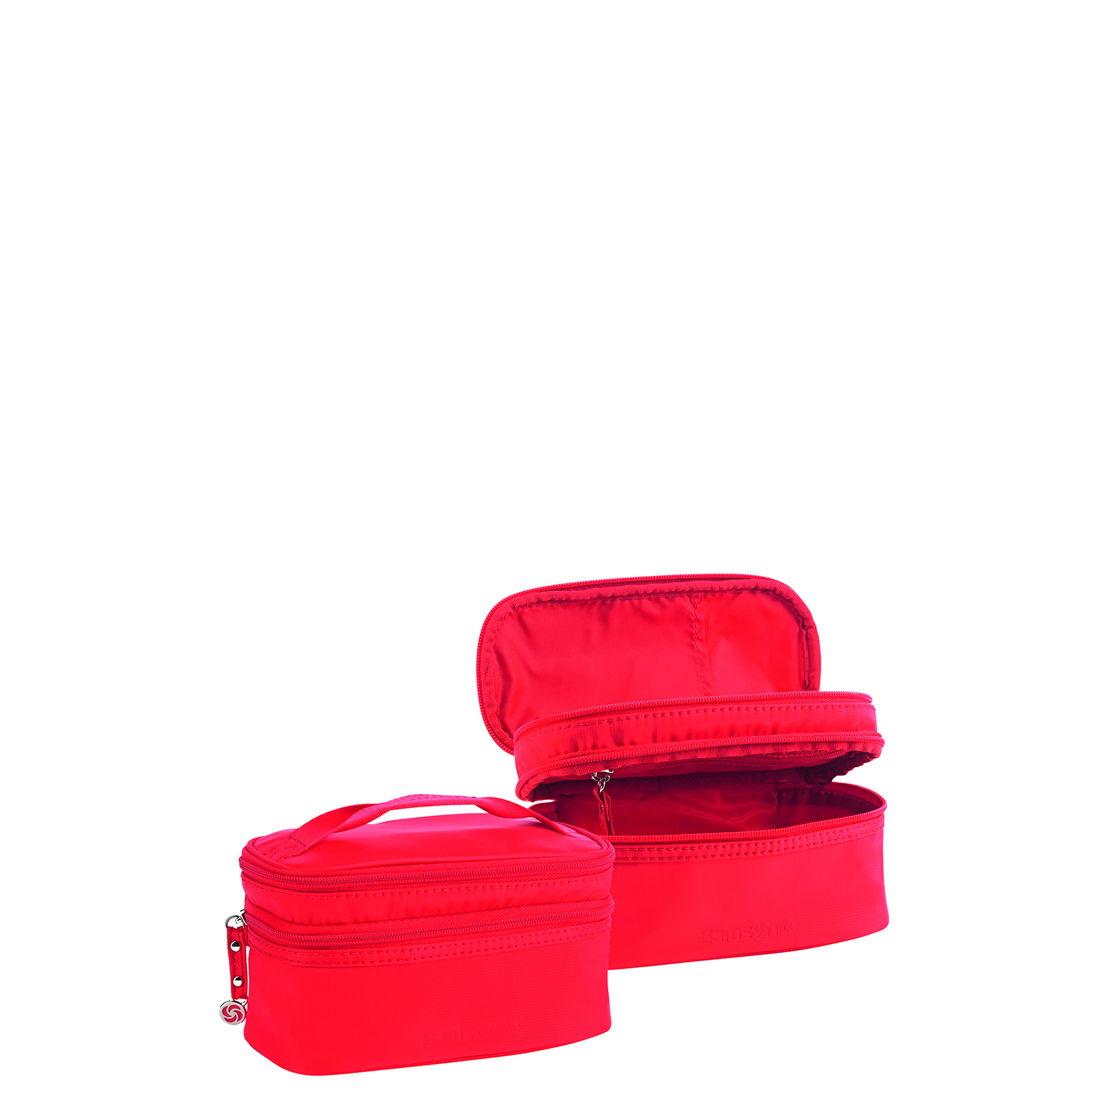 Samsonite Move Toilet Kit S (Poppy Red)